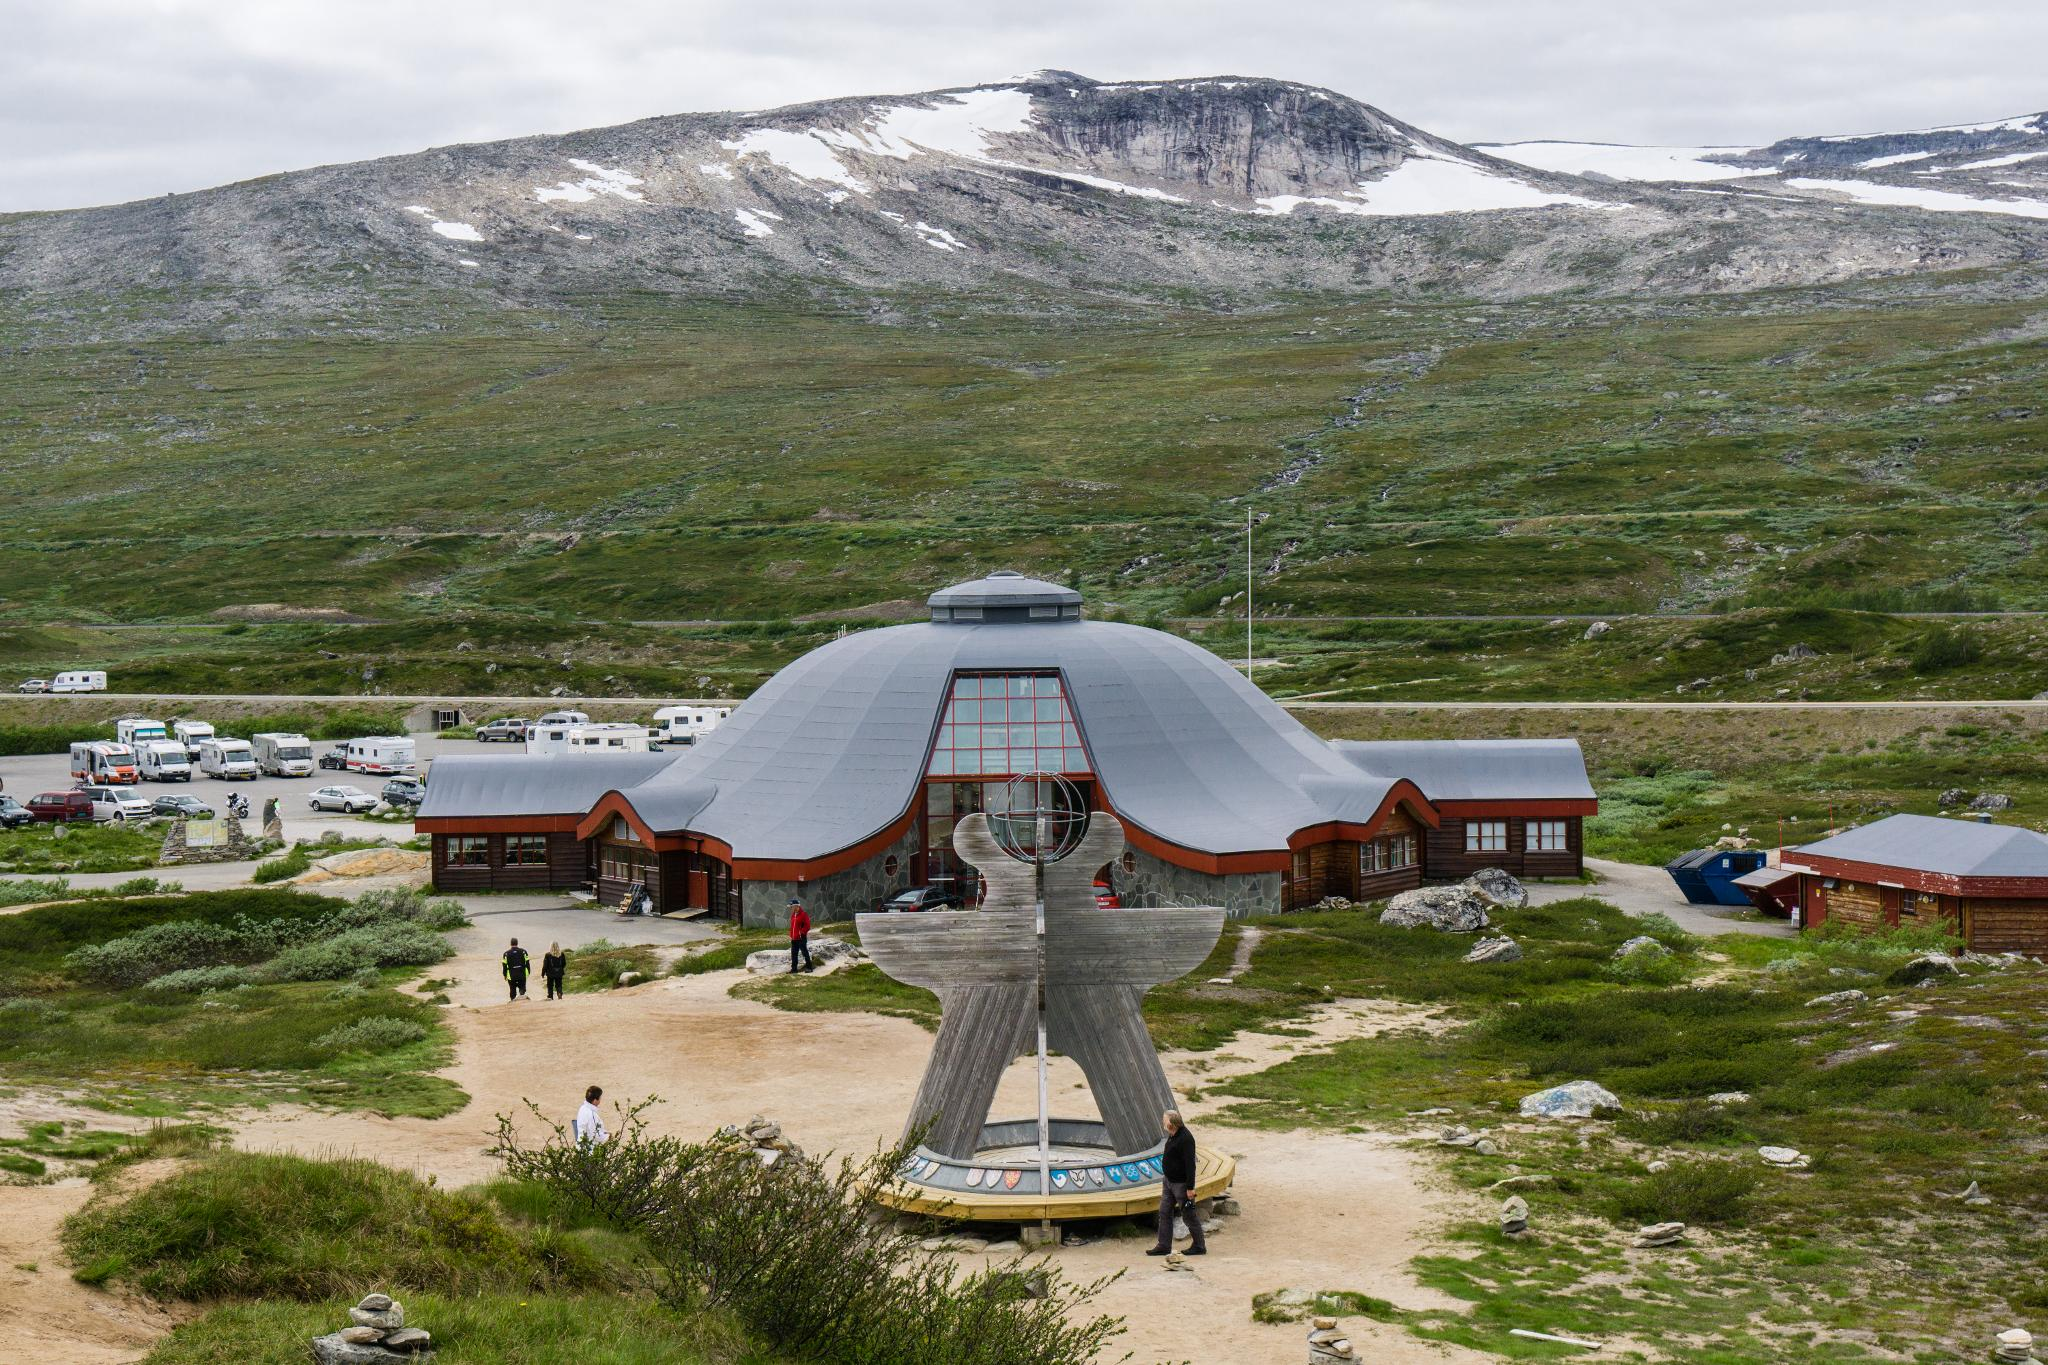 【北歐景點】通往極圈的重要門戶 - 挪威北極圈中心 The Arctic Circle Centre 6